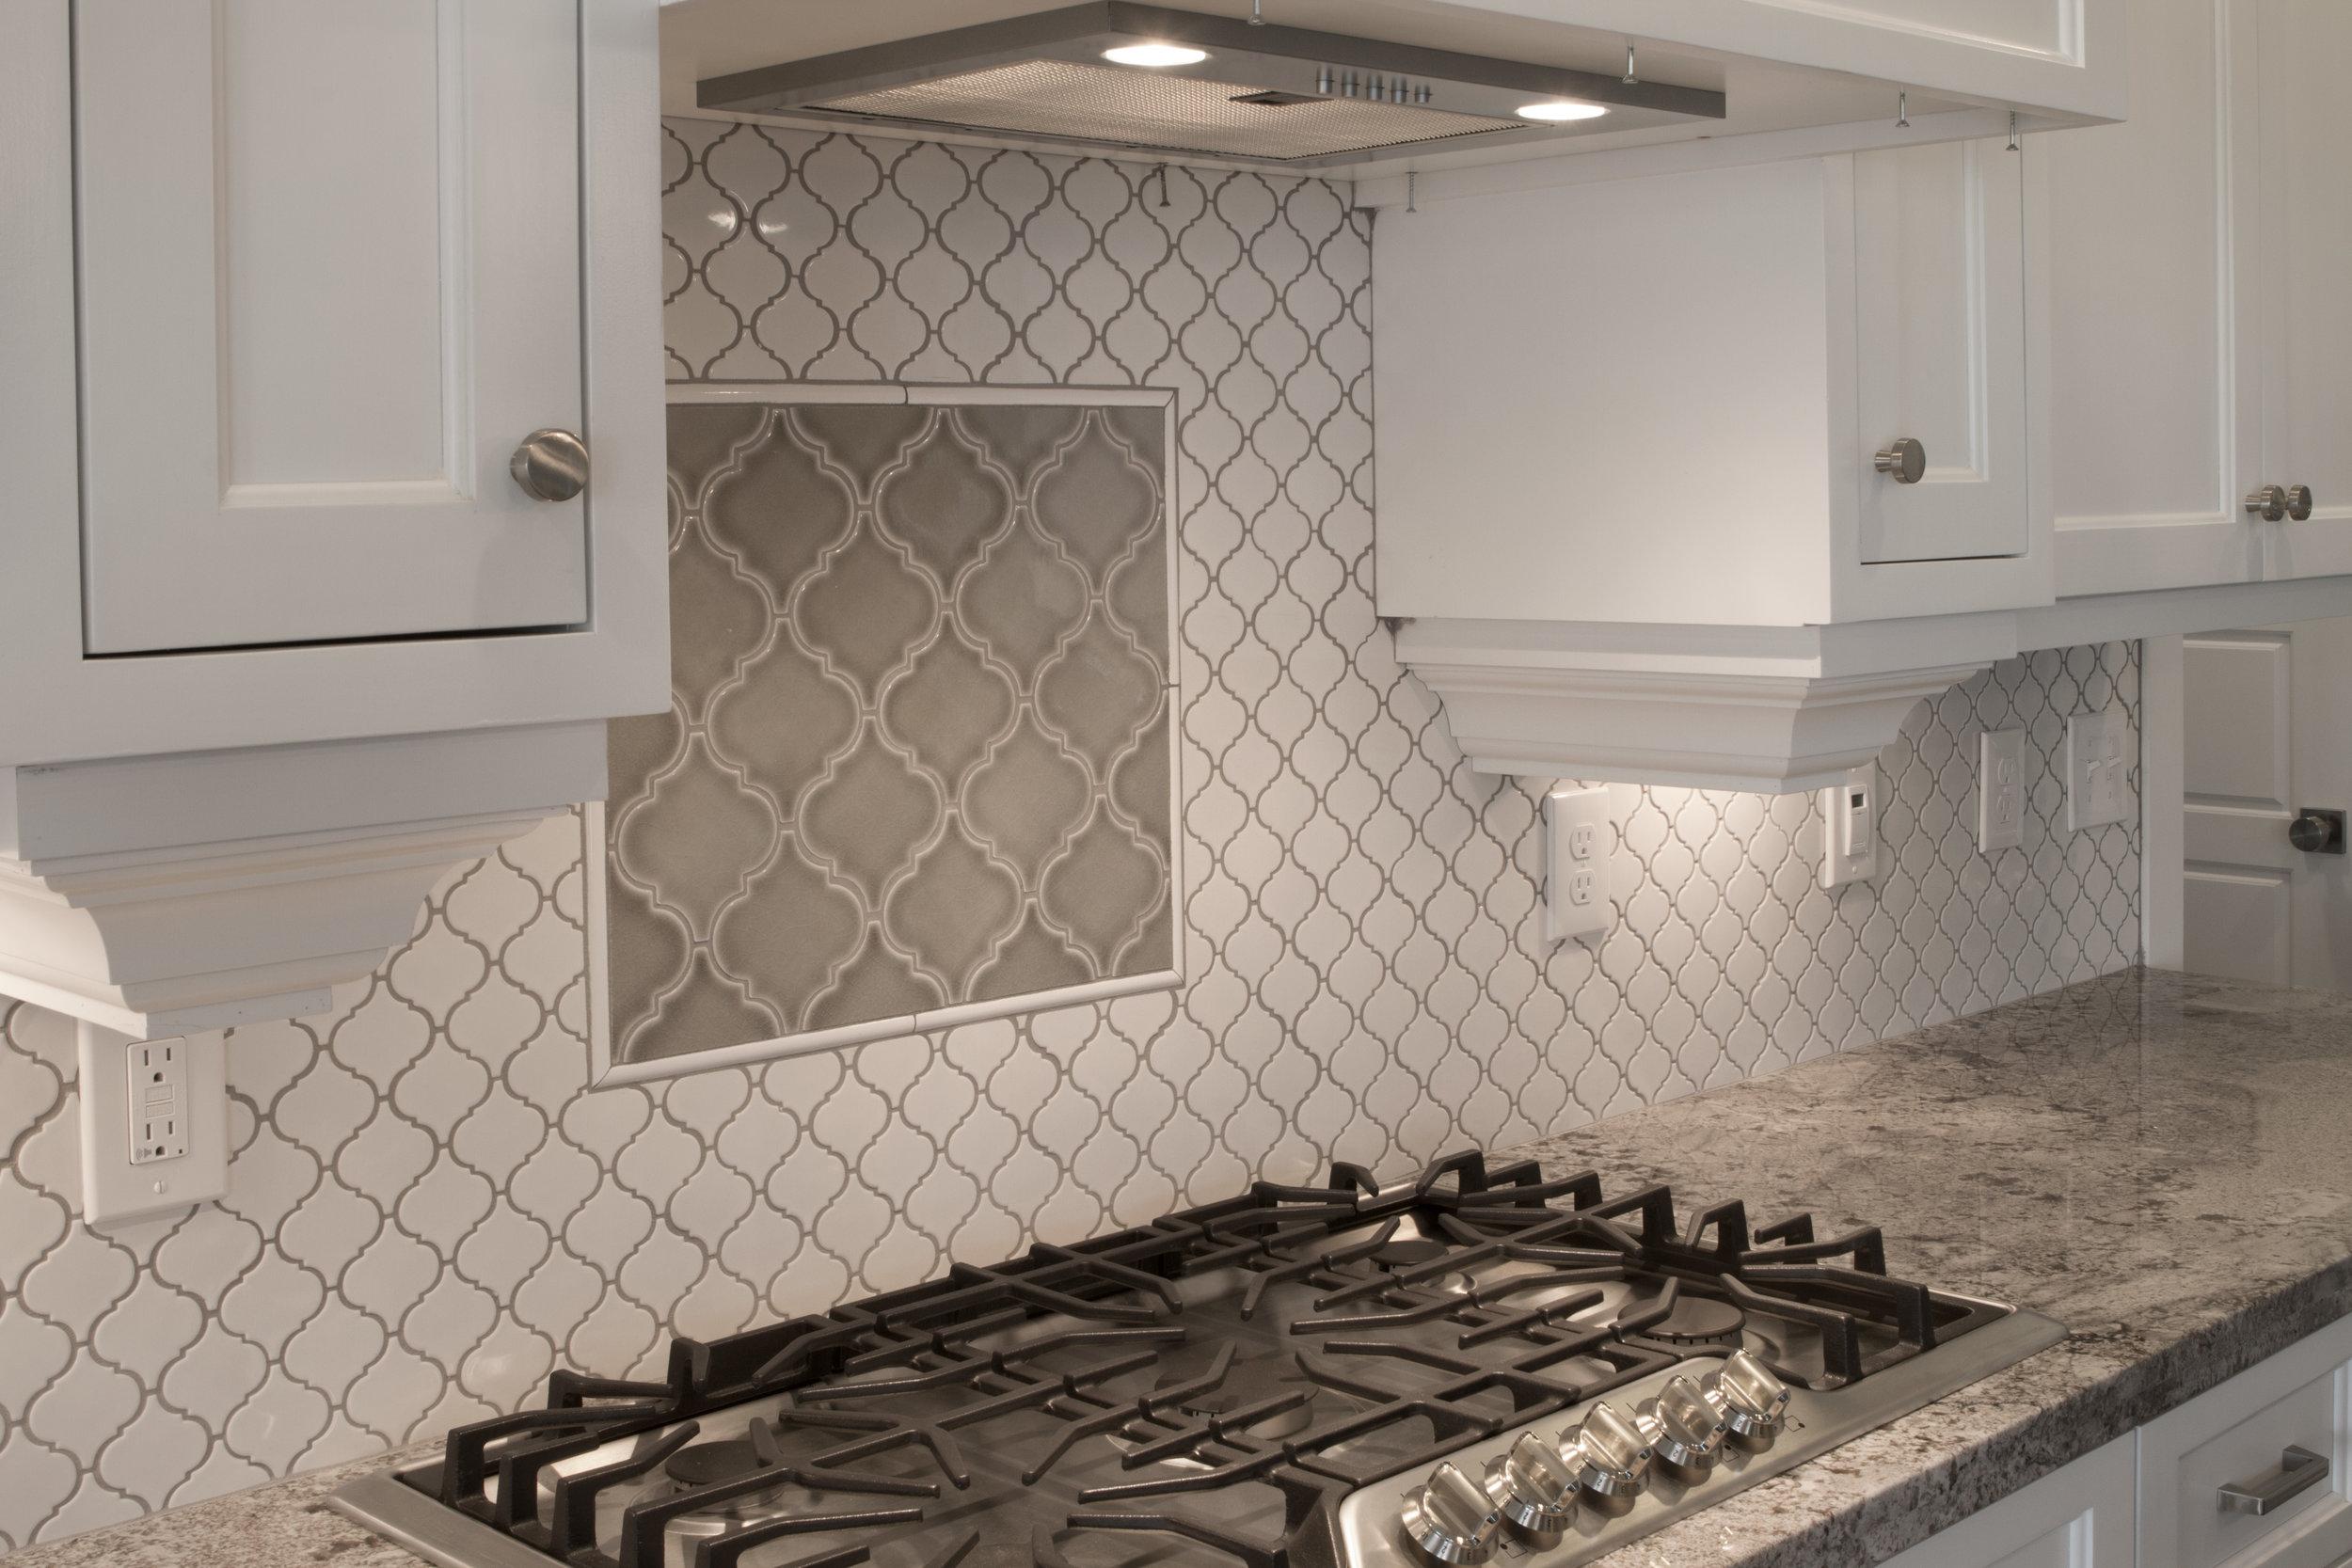 new kitchen bathroom tile backsplash